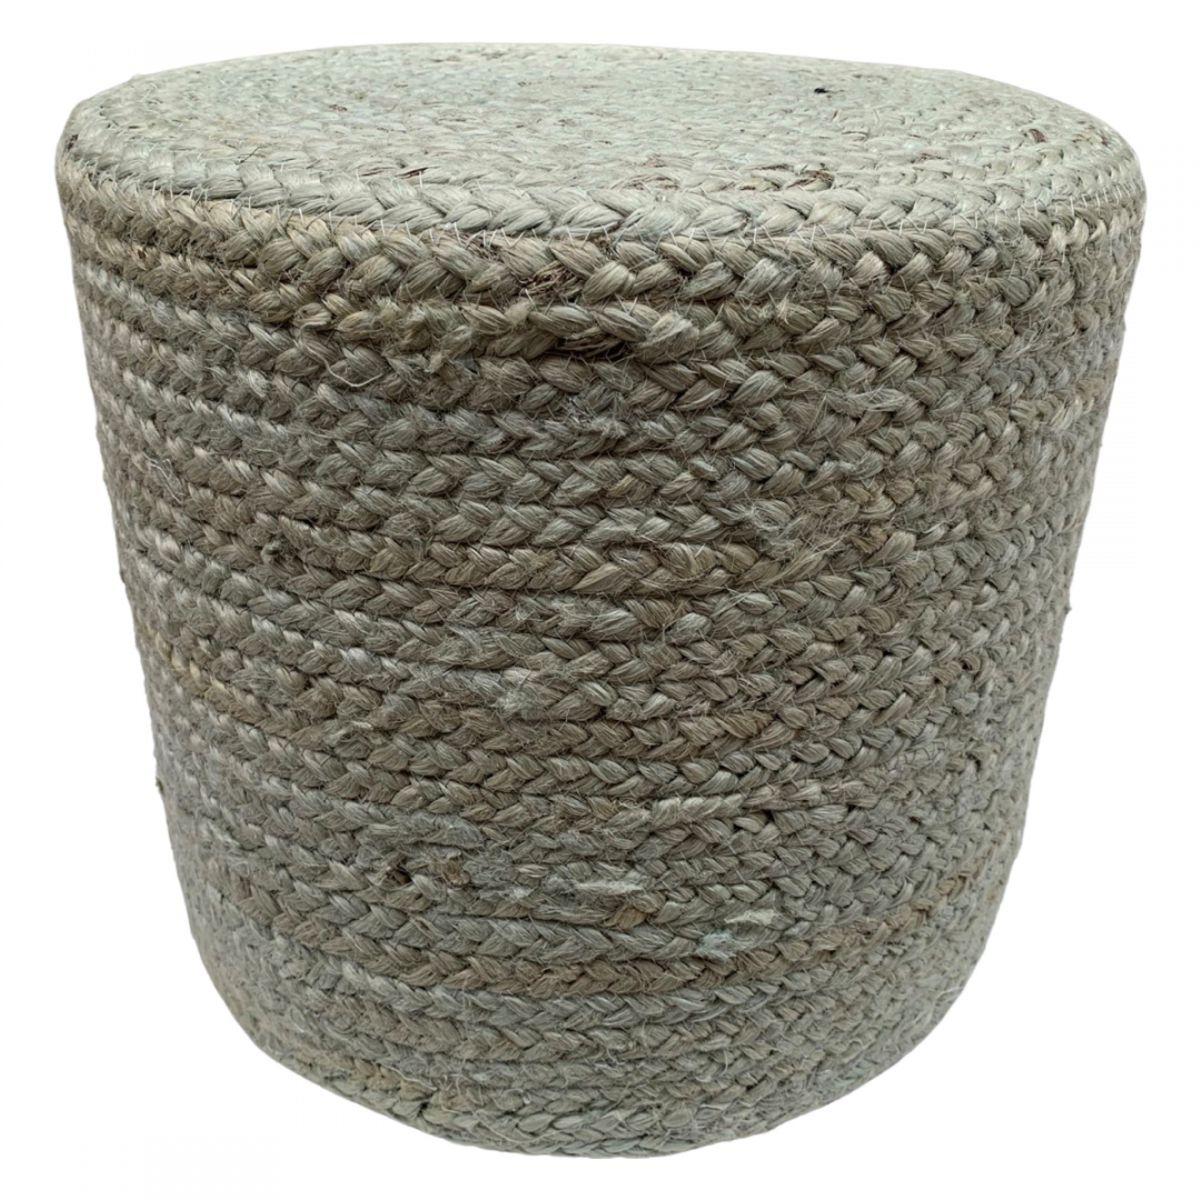 pouf jute round pale aqua 40 hg 35cm